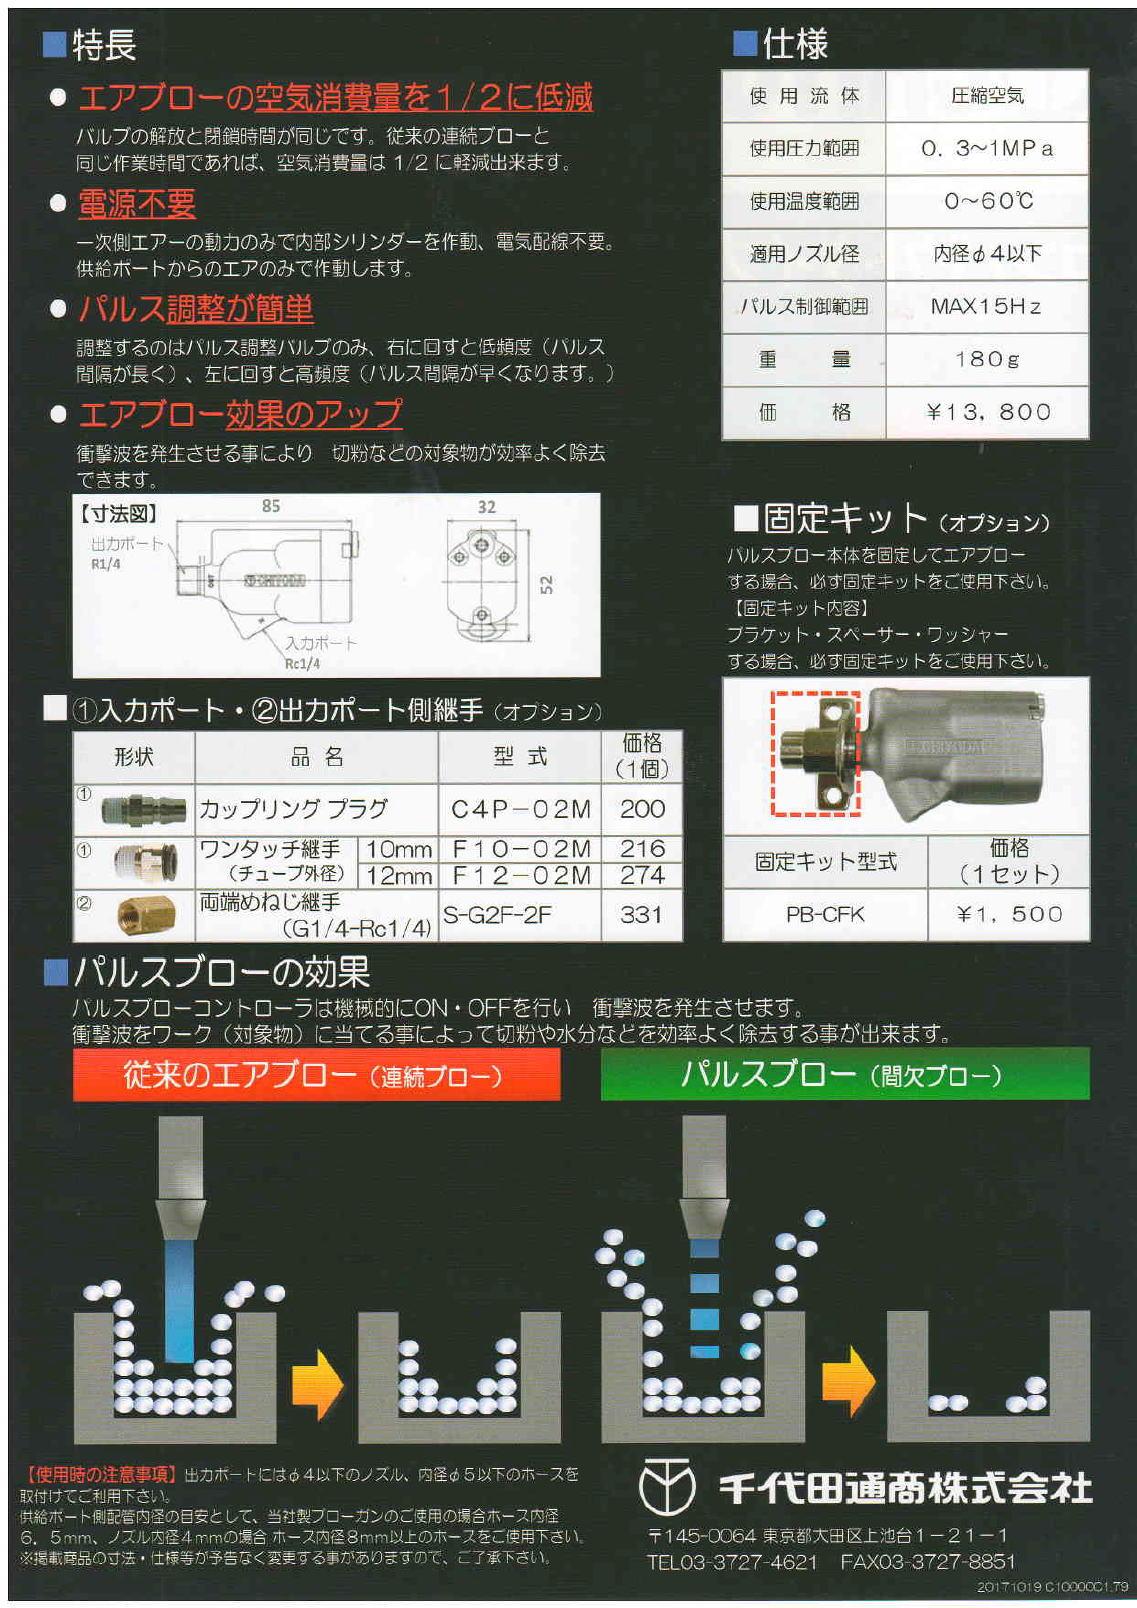 千代田通商 CHIYODA 間欠エア発生器 パルスブローコントローラ PV-C1000 2